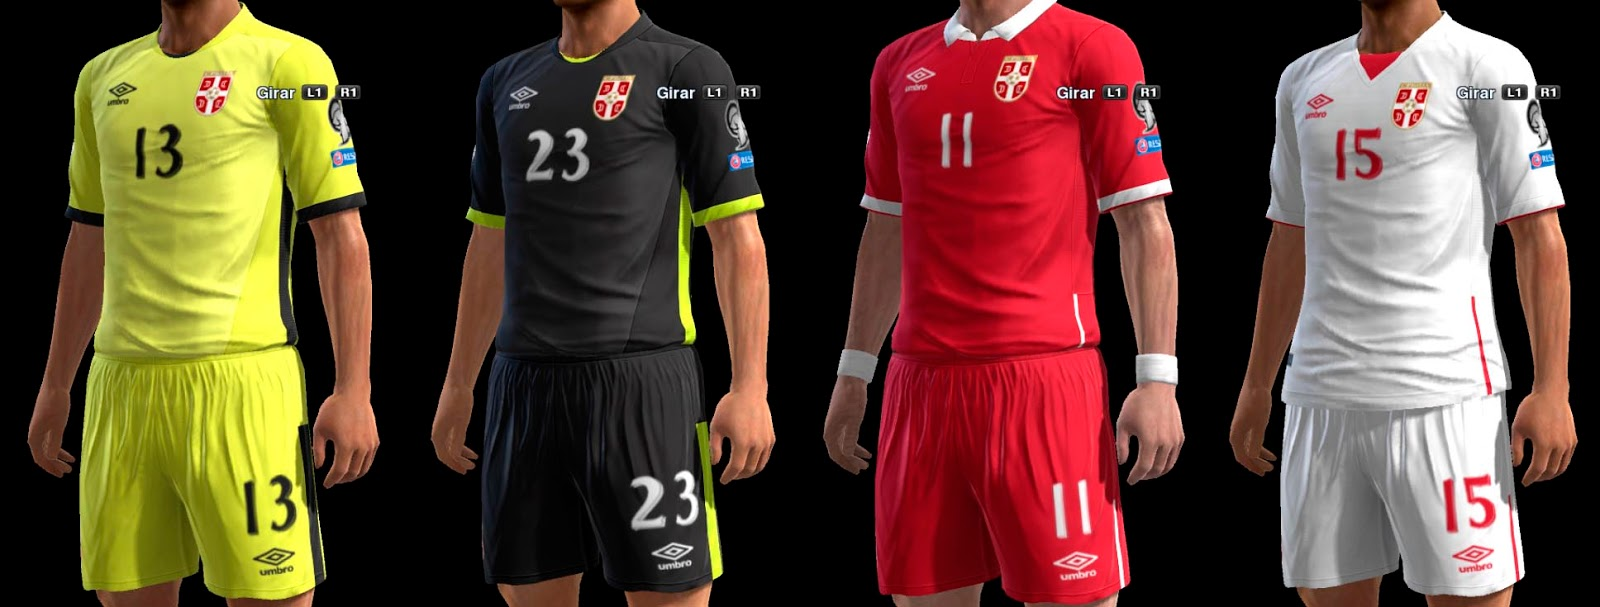 f99f33185e3 Yükle (475x475)2018-2019 Serbia Away Puma Football Shirt (Ljajic 22)  75492411-111043 - Uksoccershop2018-2019 Serbia Away Puma Football Shirt  (Ljajic 22) .